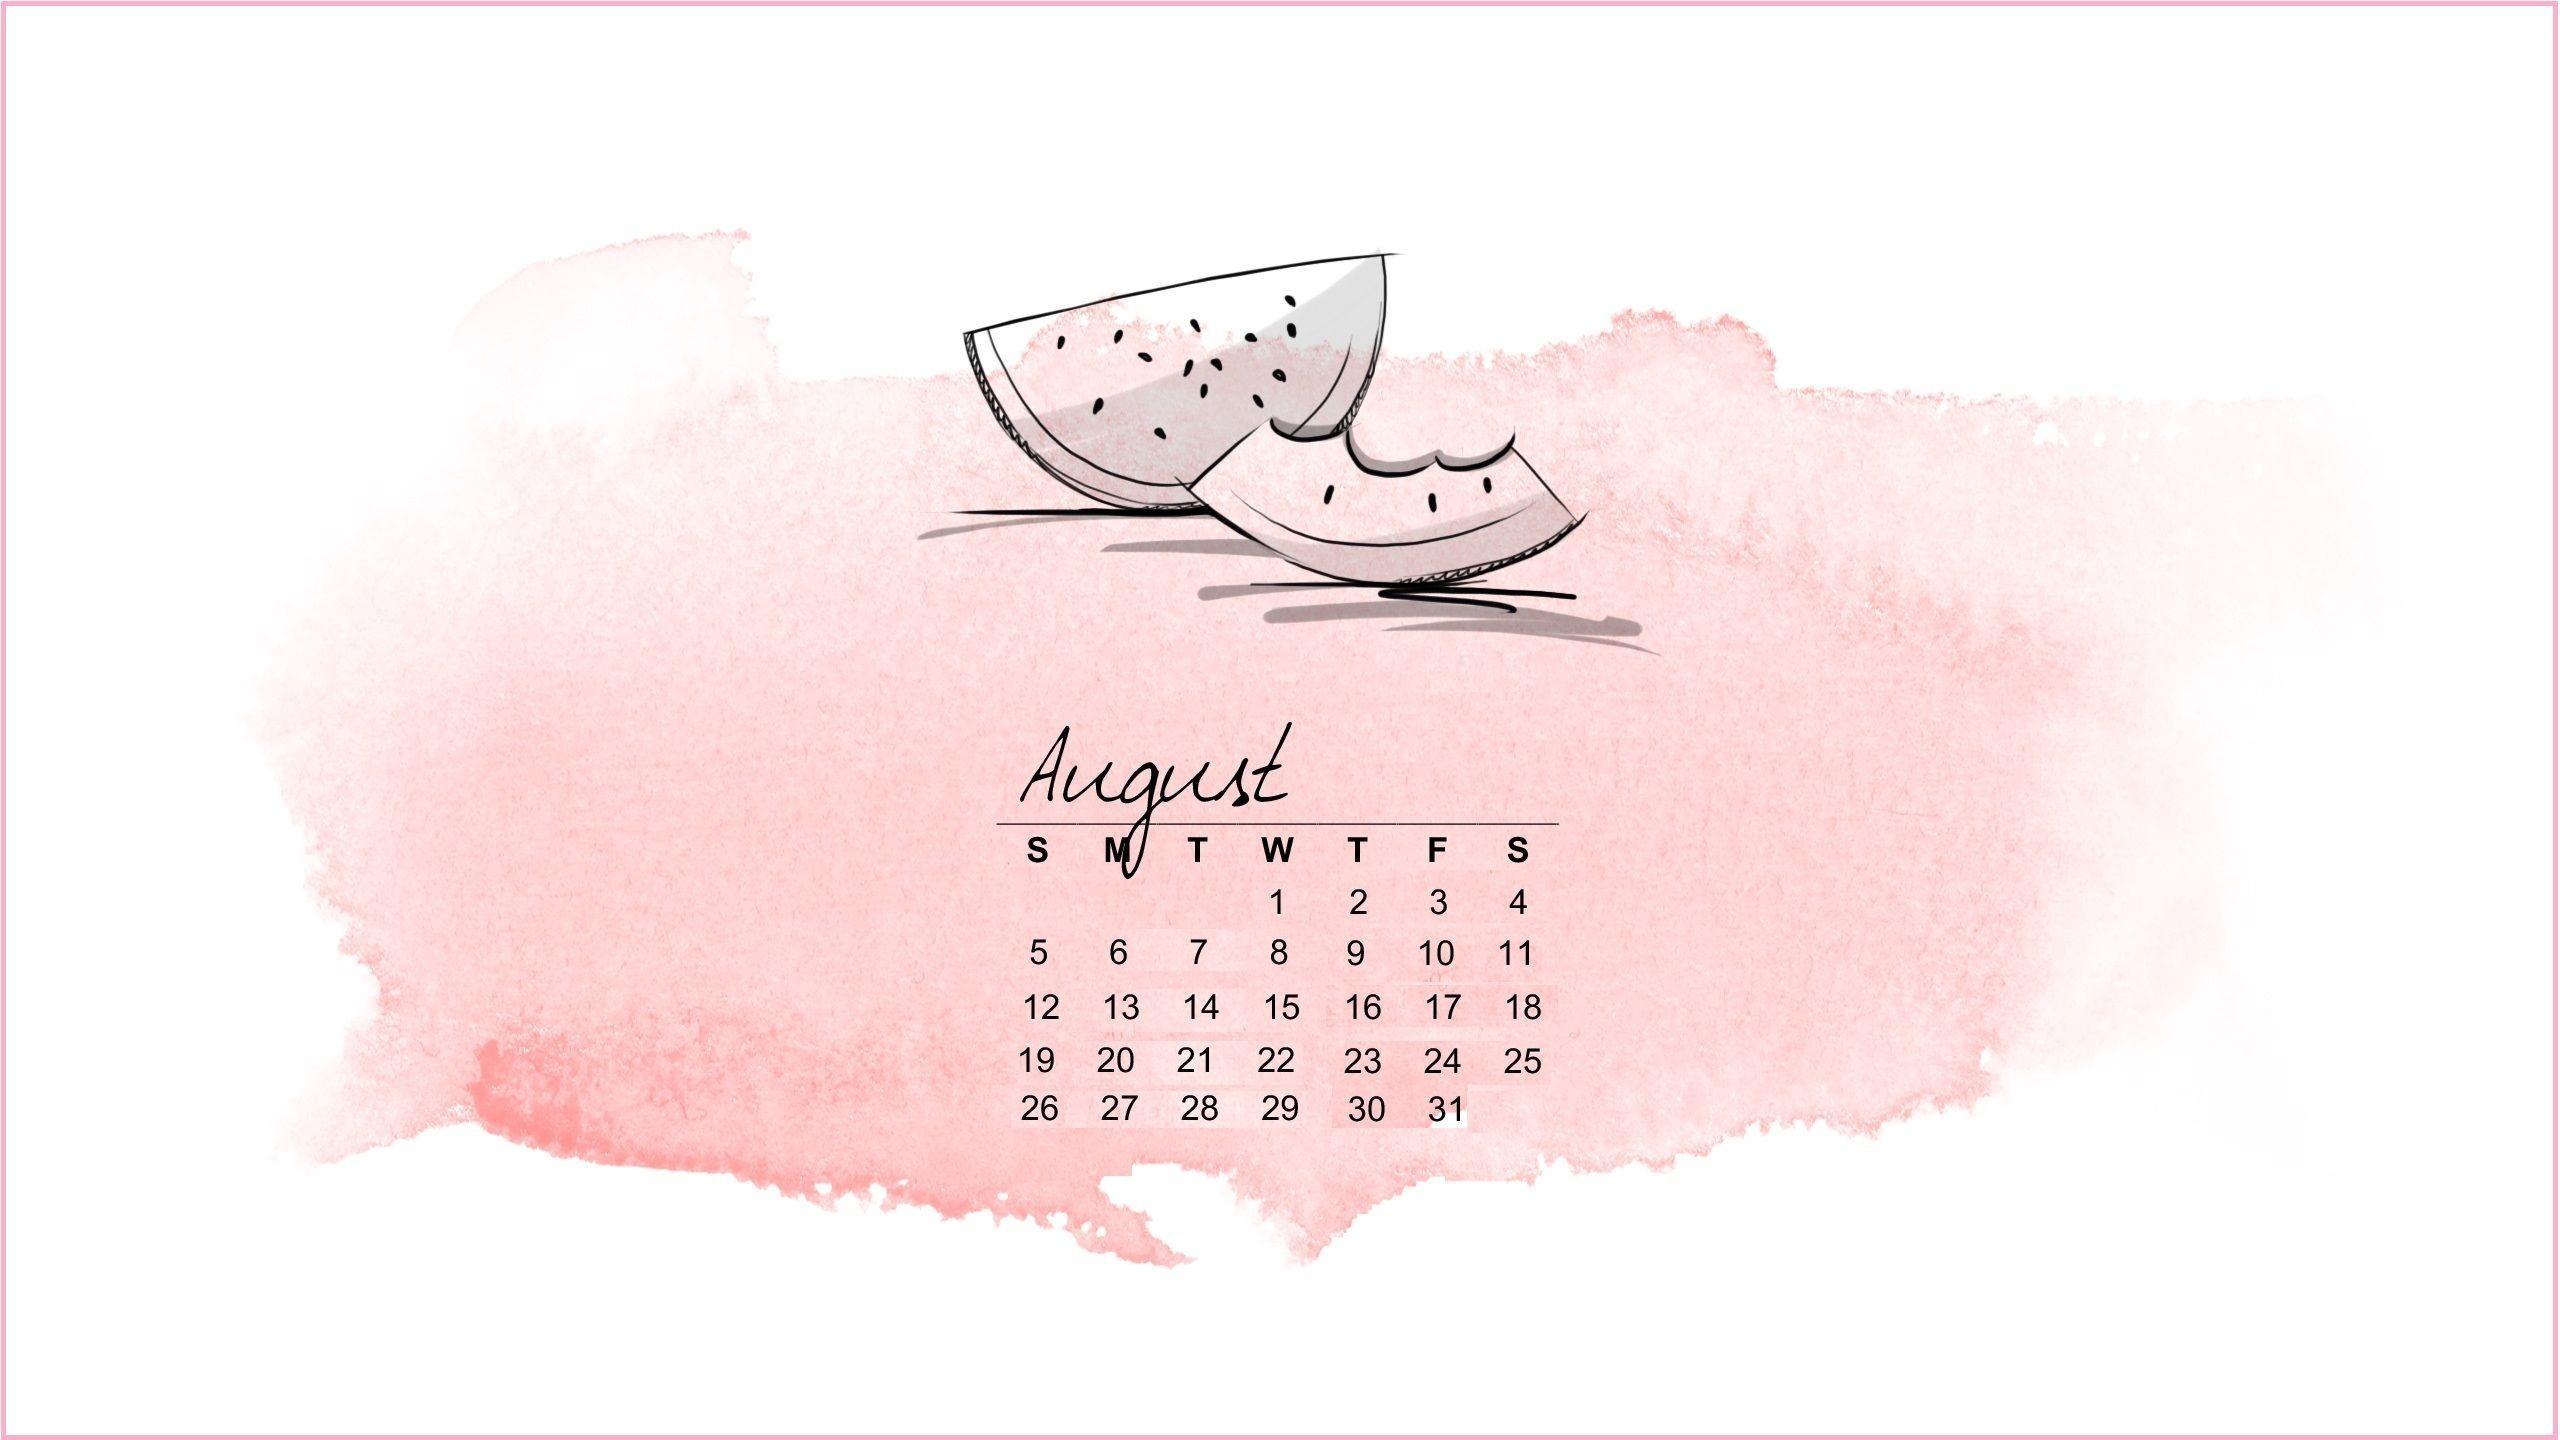 march calendar clipart free mejores y mas novedosos foto kalender kalender selber 42 genial galerie kalender 2017 excel of march calendar clipart free